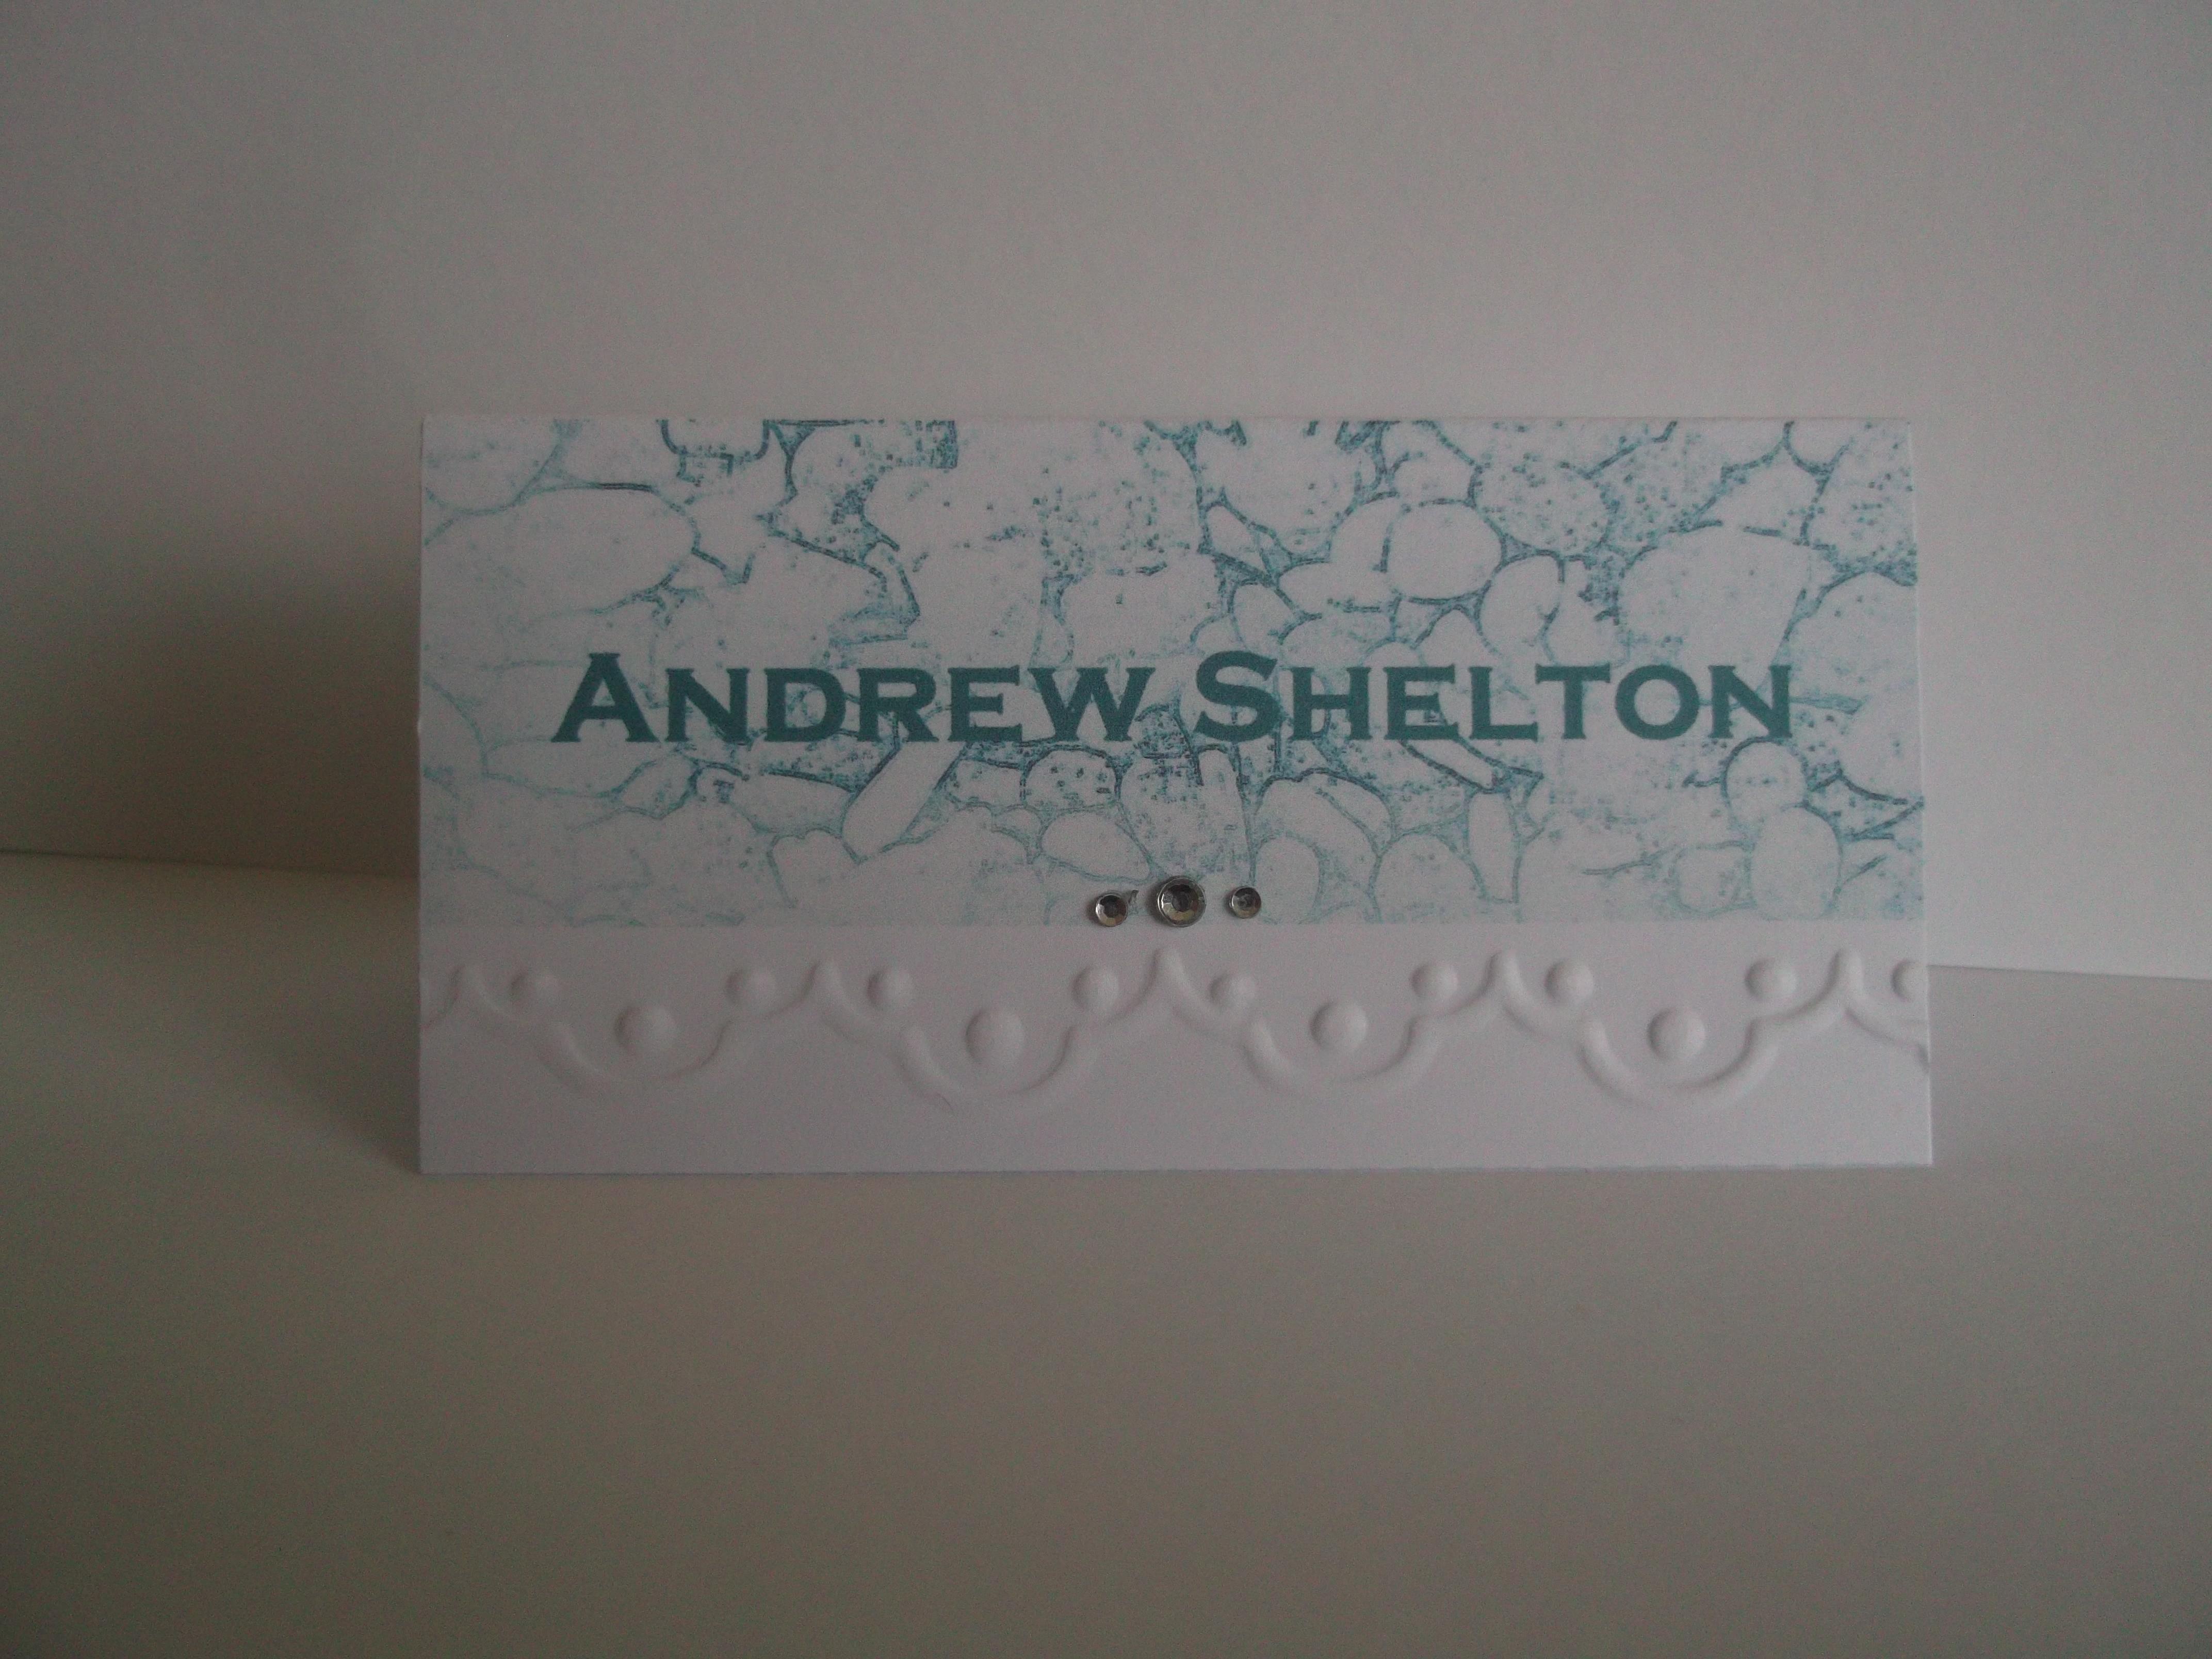 Shoreline Name Card